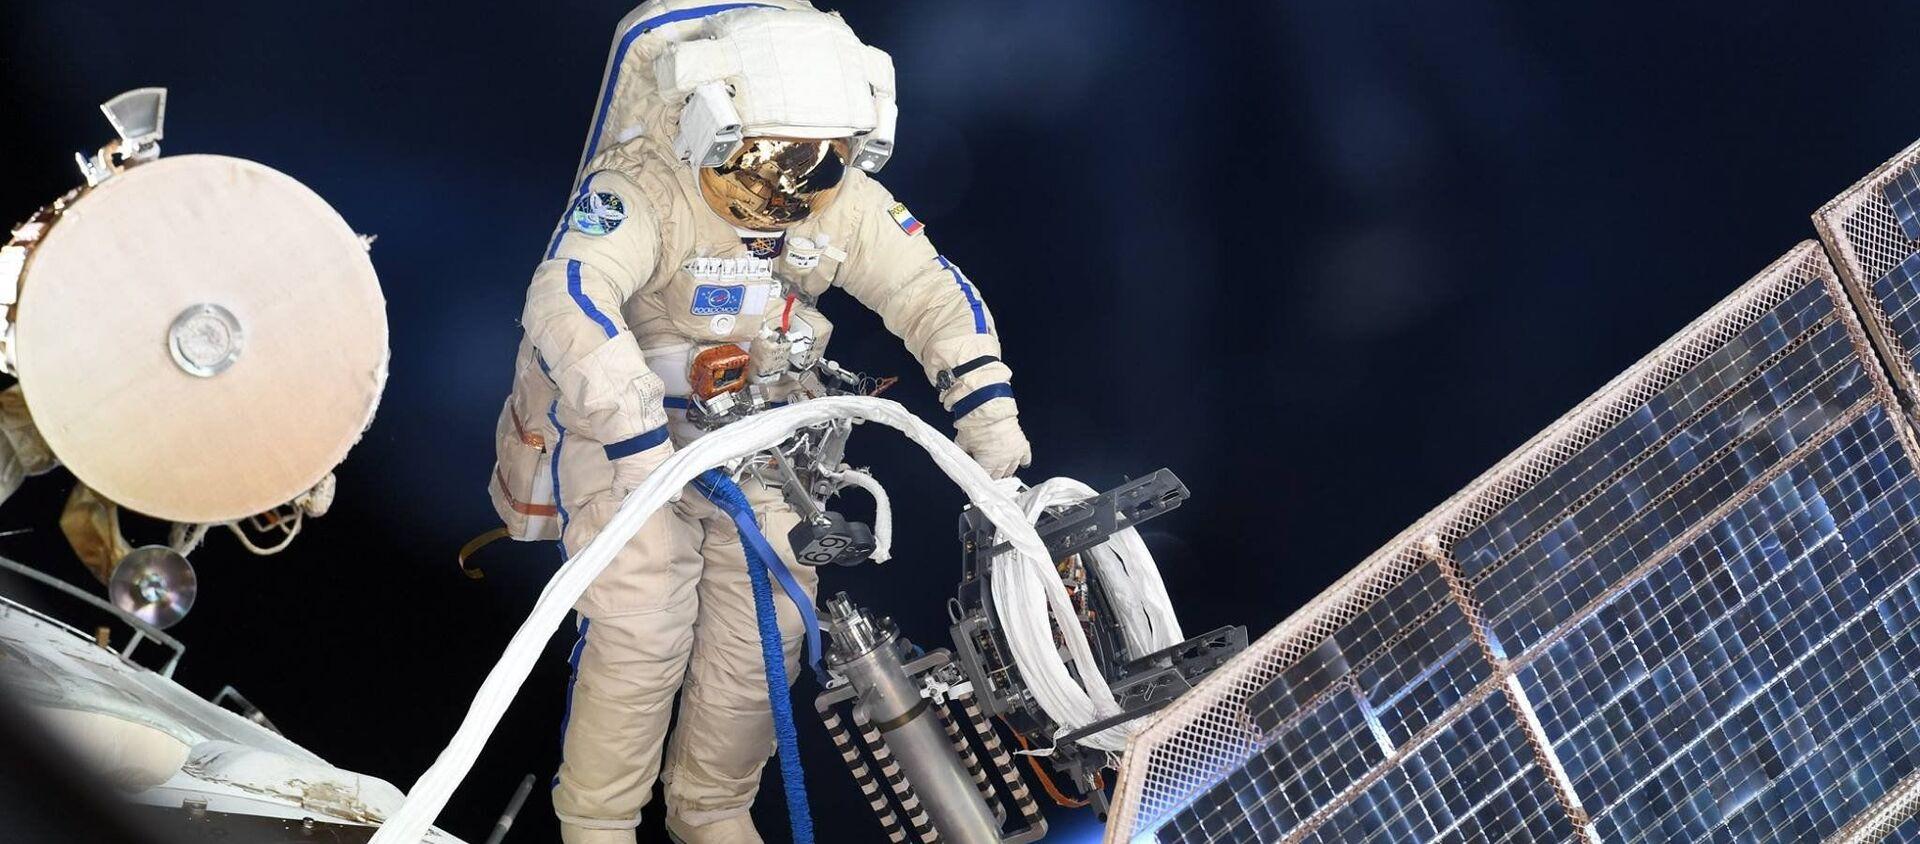 宇宙飛行士「資料写真」 - Sputnik 日本, 1920, 12.04.2021